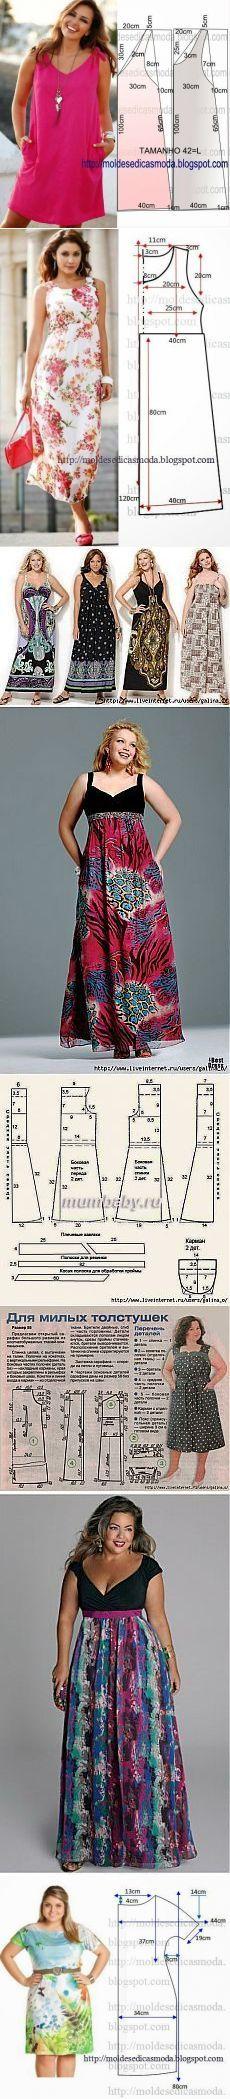 Выкройки летних платьев и сарафанов на полную фигуру.